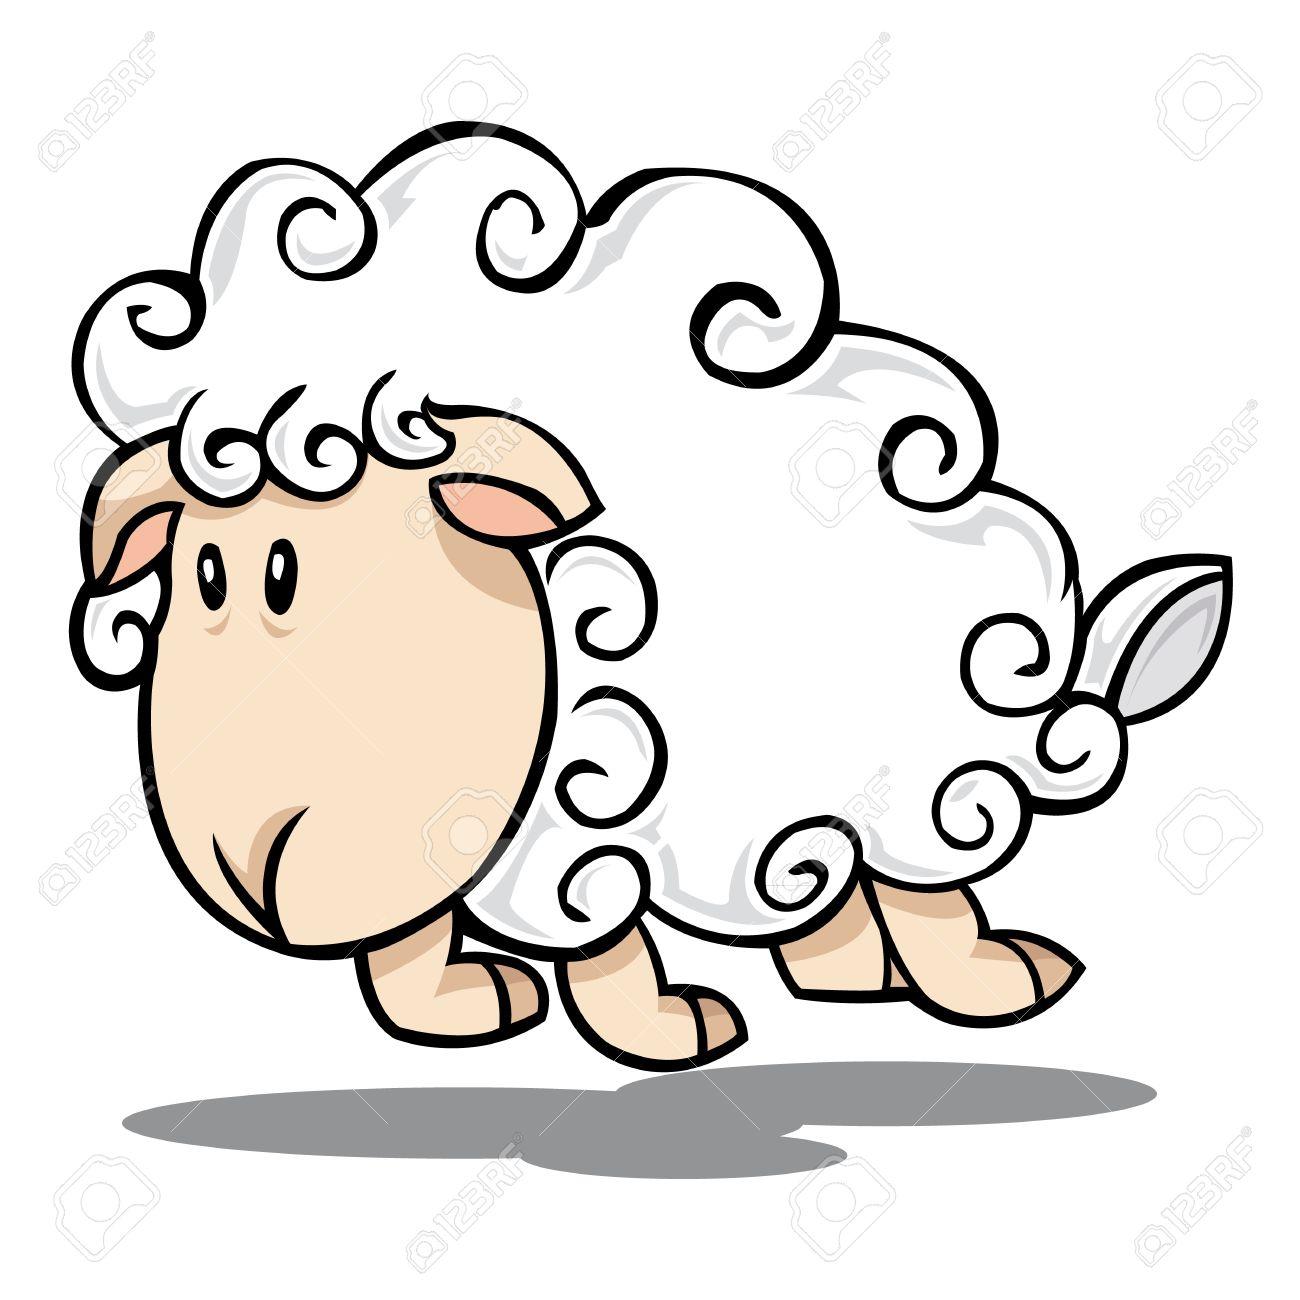 lamb cartoon stock photos u0026 pictures royalty free lamb cartoon